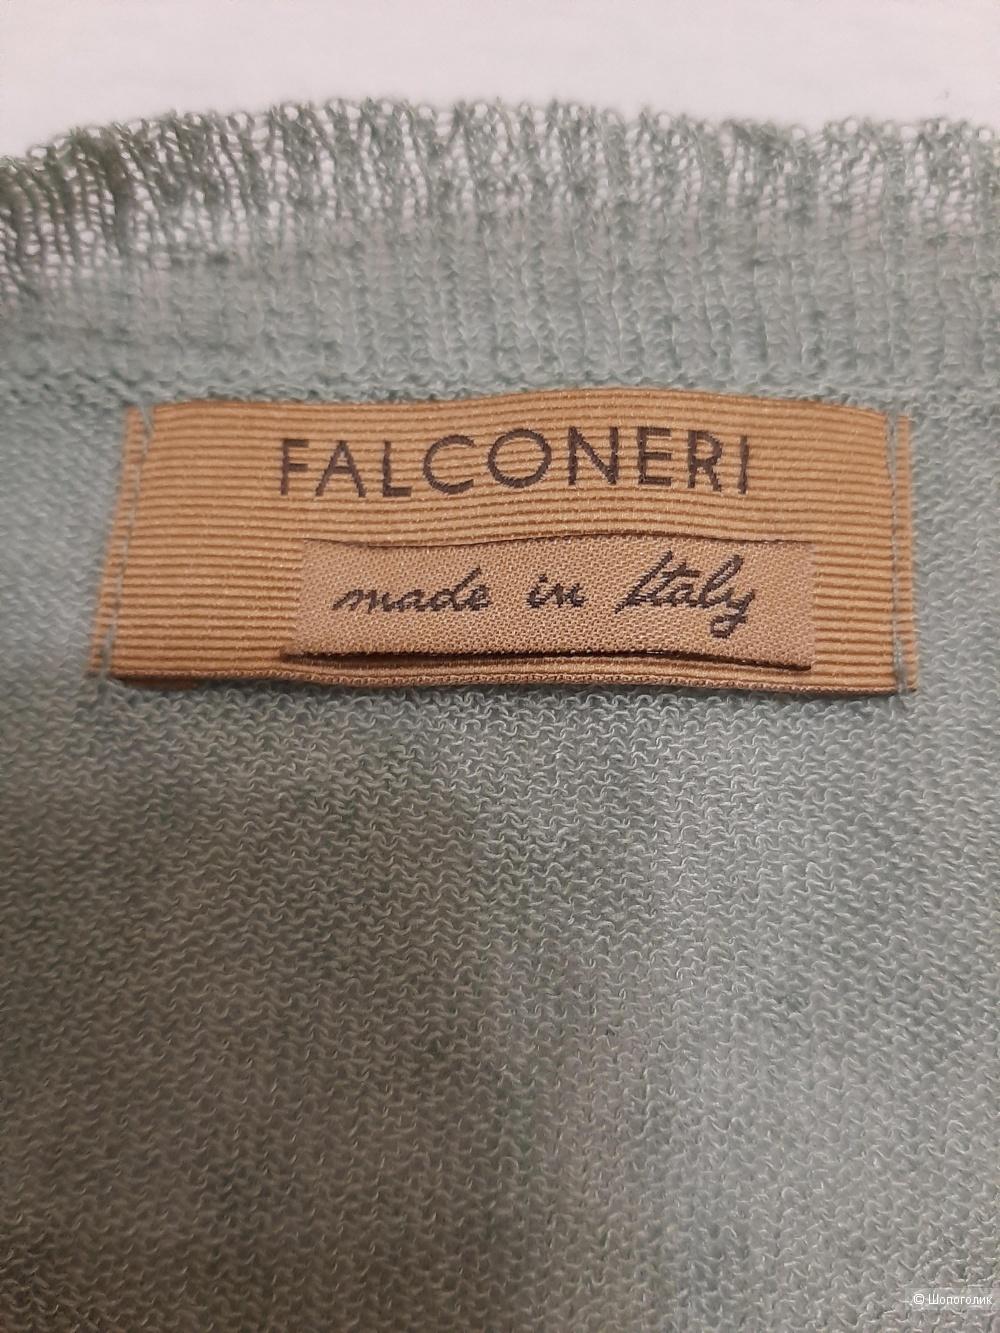 Комплект Falconeri, размер S